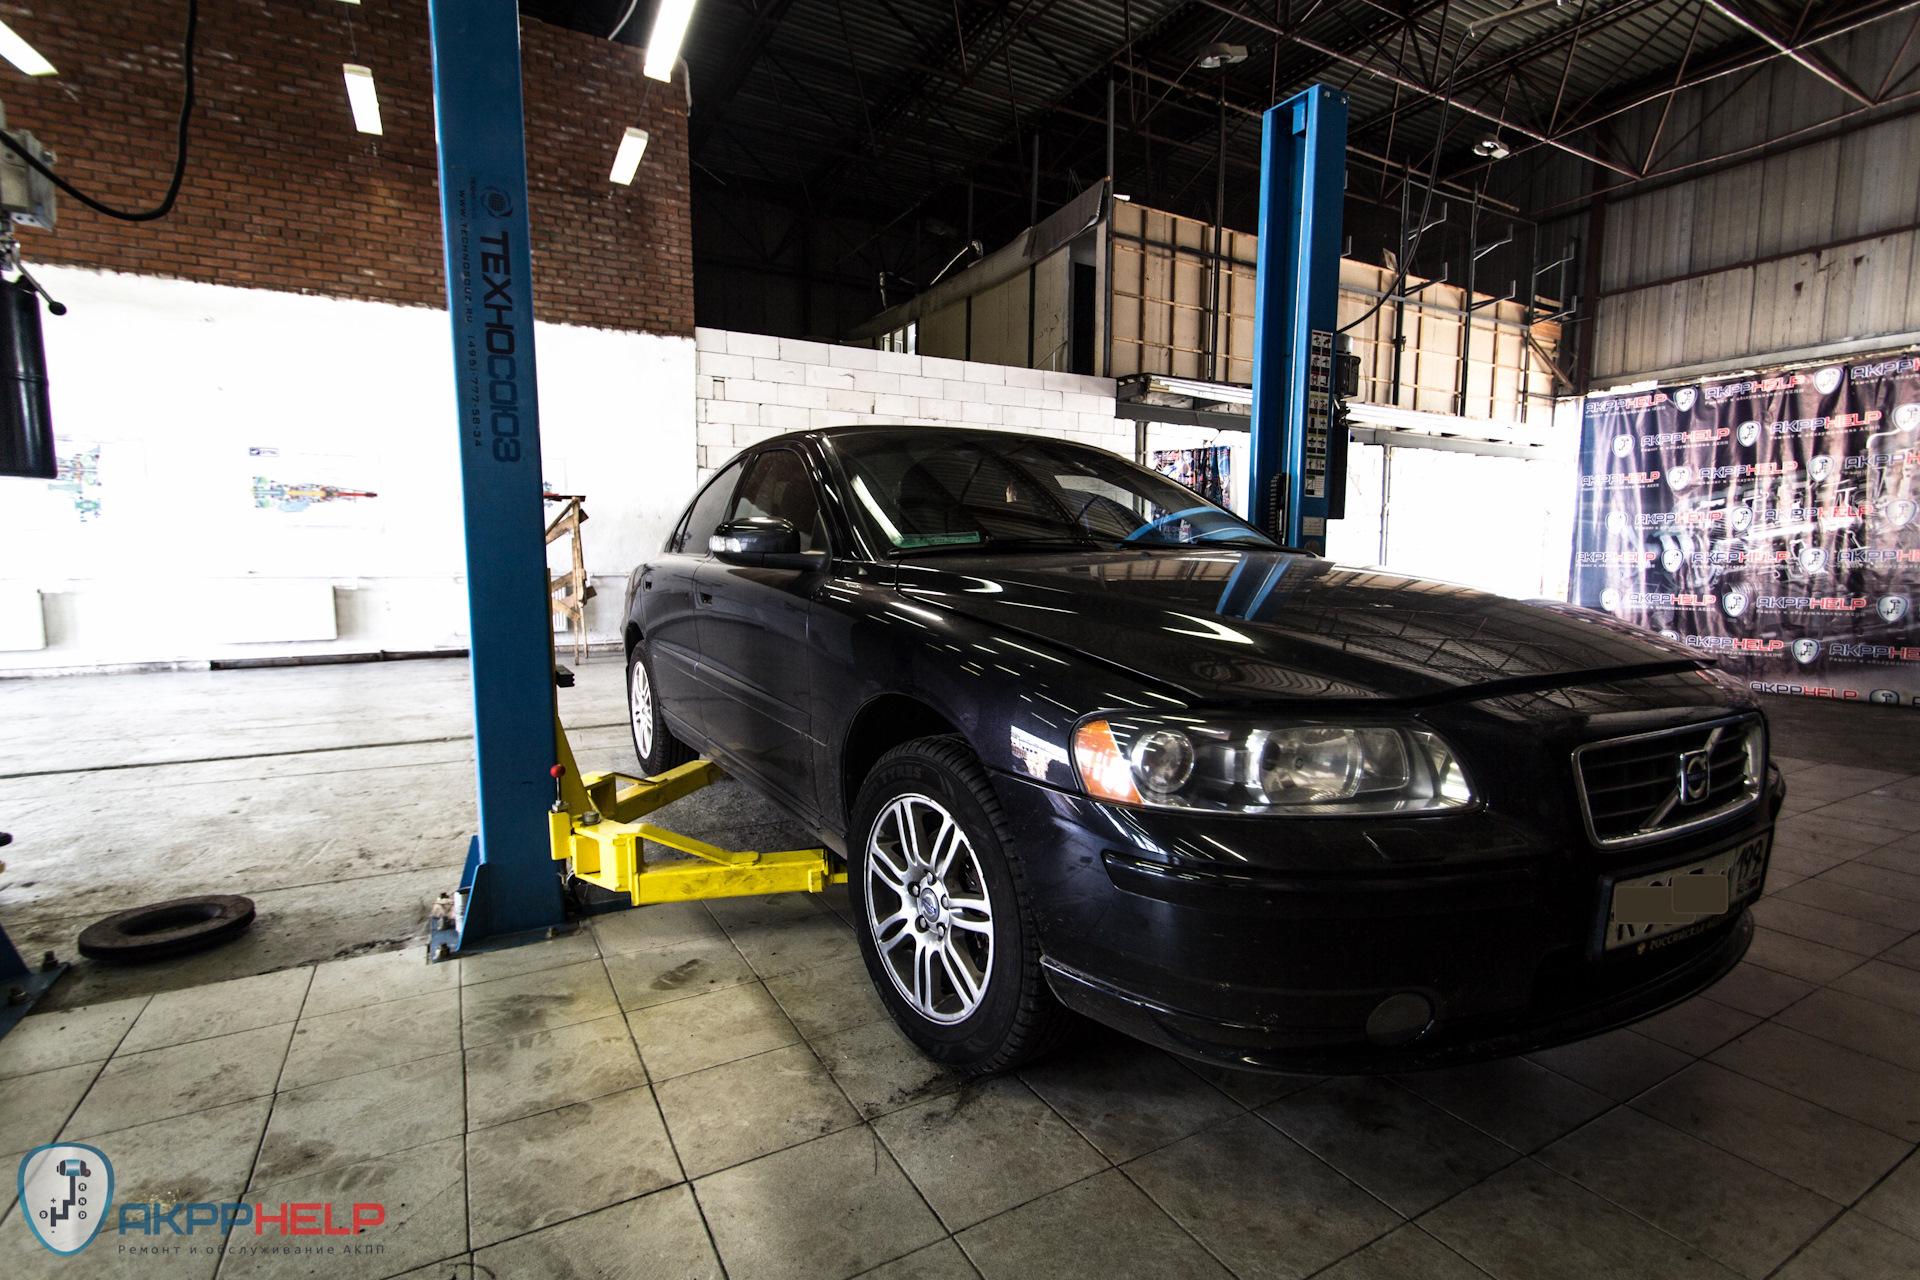 Автомобиль Volvo S60 08г пробег 146 000 проблема  АКПП пинается с 2-3 , с  2-1 при остановке и удар при включении